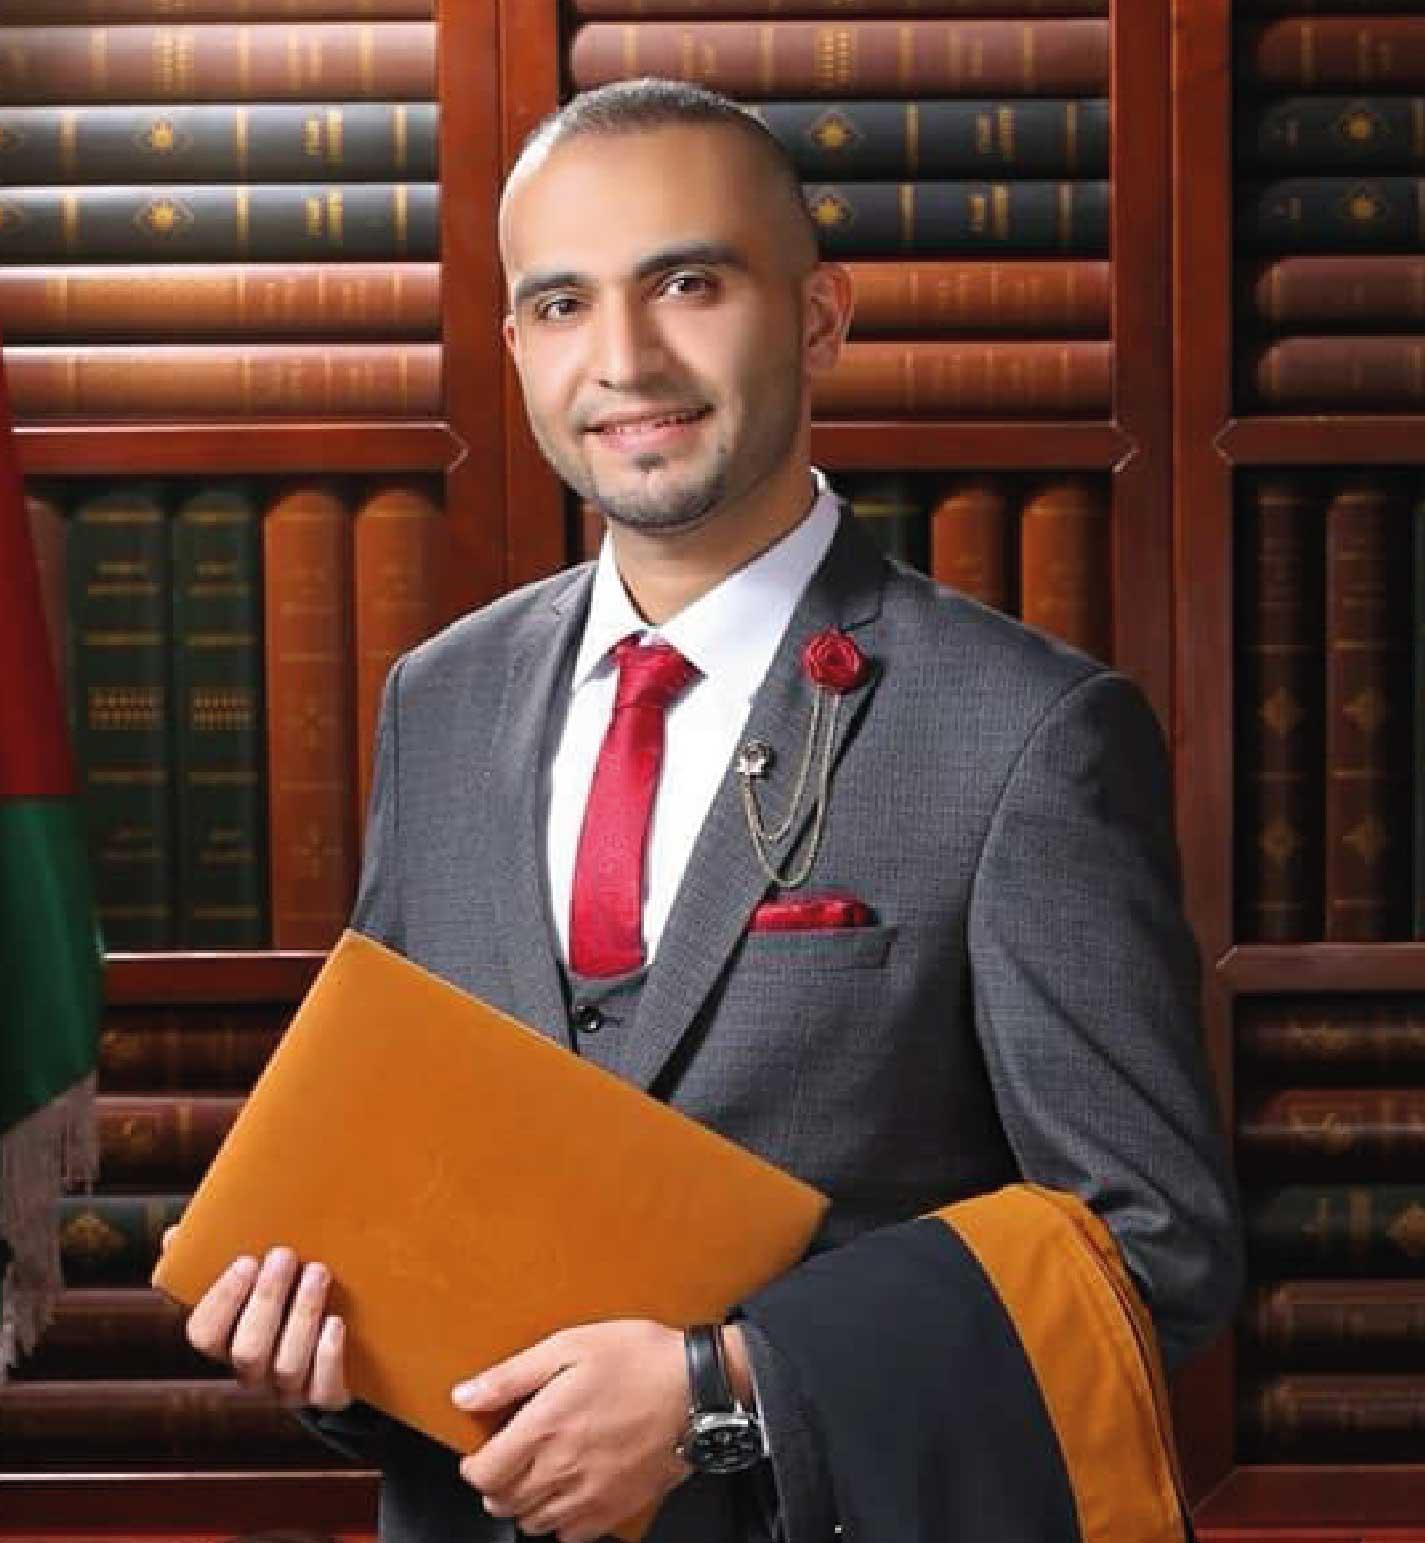 Eng. Ahmad Faisal Mohammad